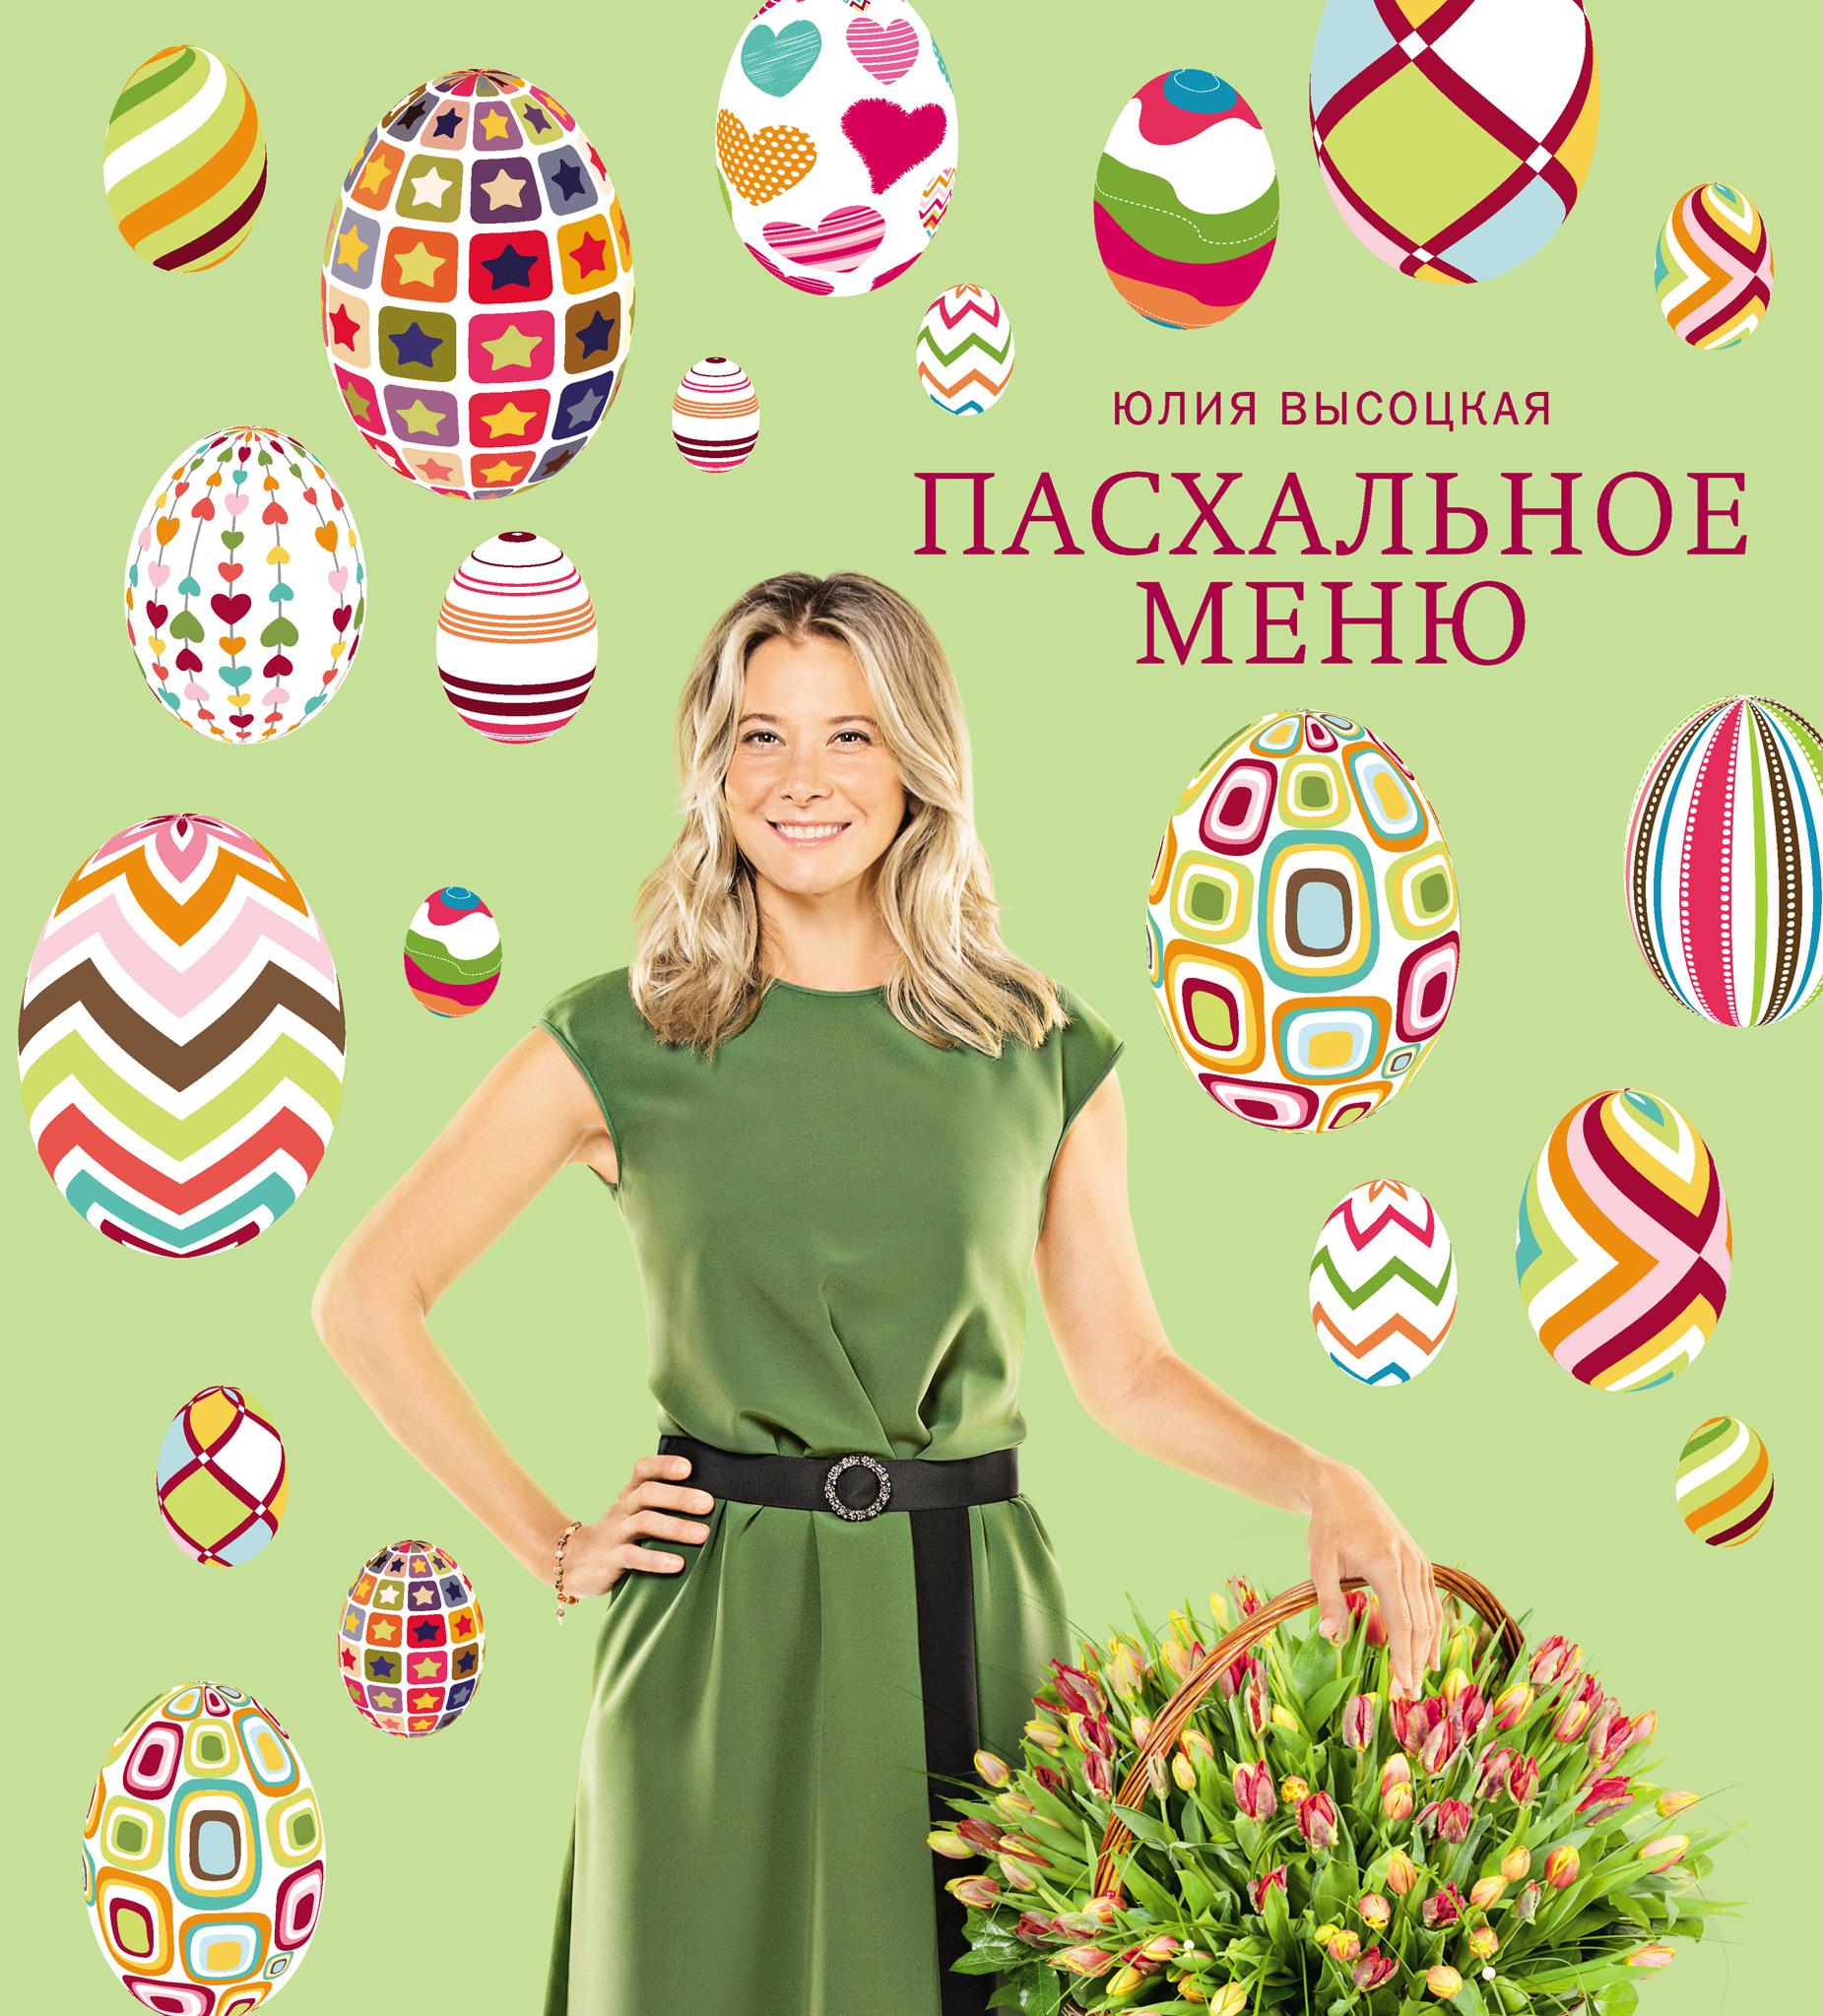 Юлия Высоцкая Пасхальное меню высоцкая юлия александровна удачное меню